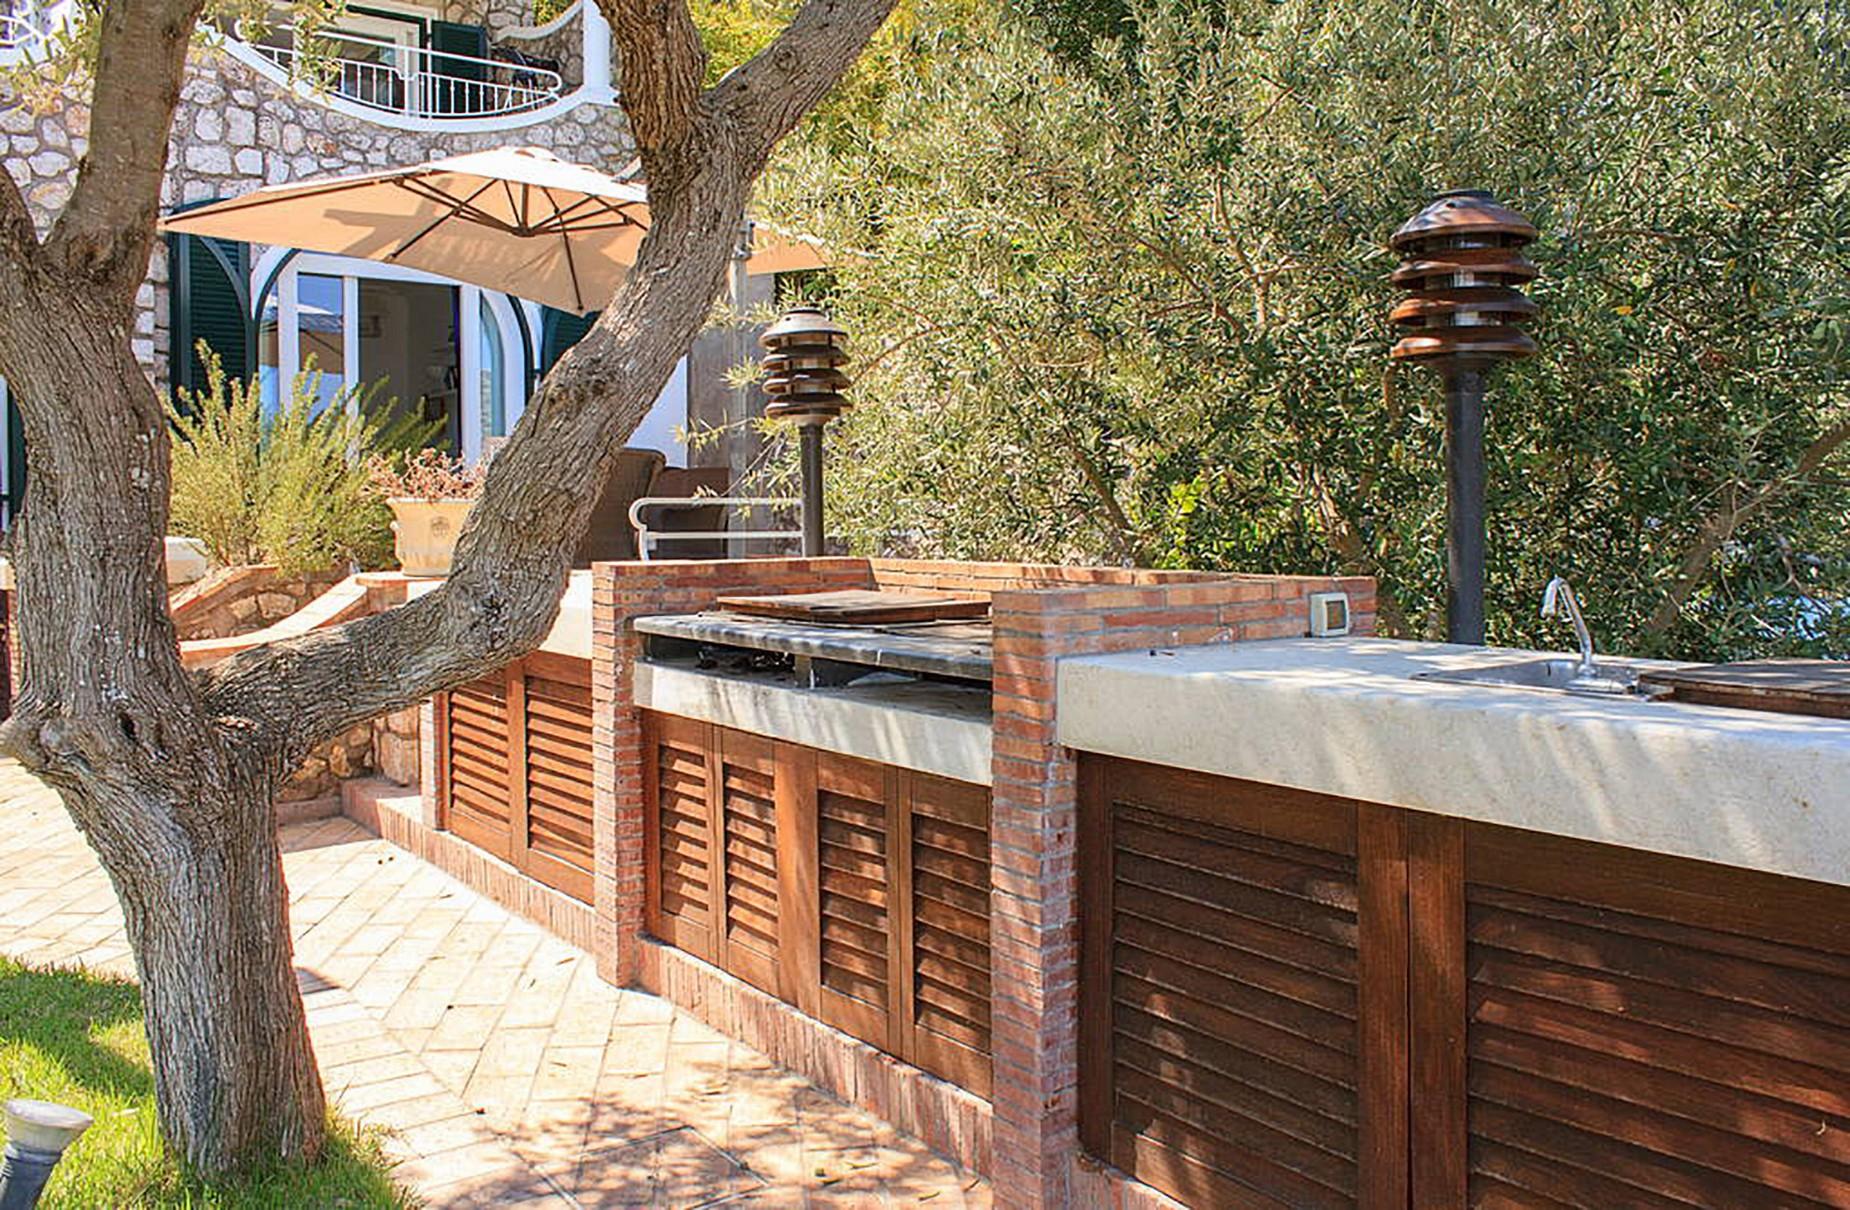 Villa in Vendita a Capri: 5 locali, 150 mq - Foto 7